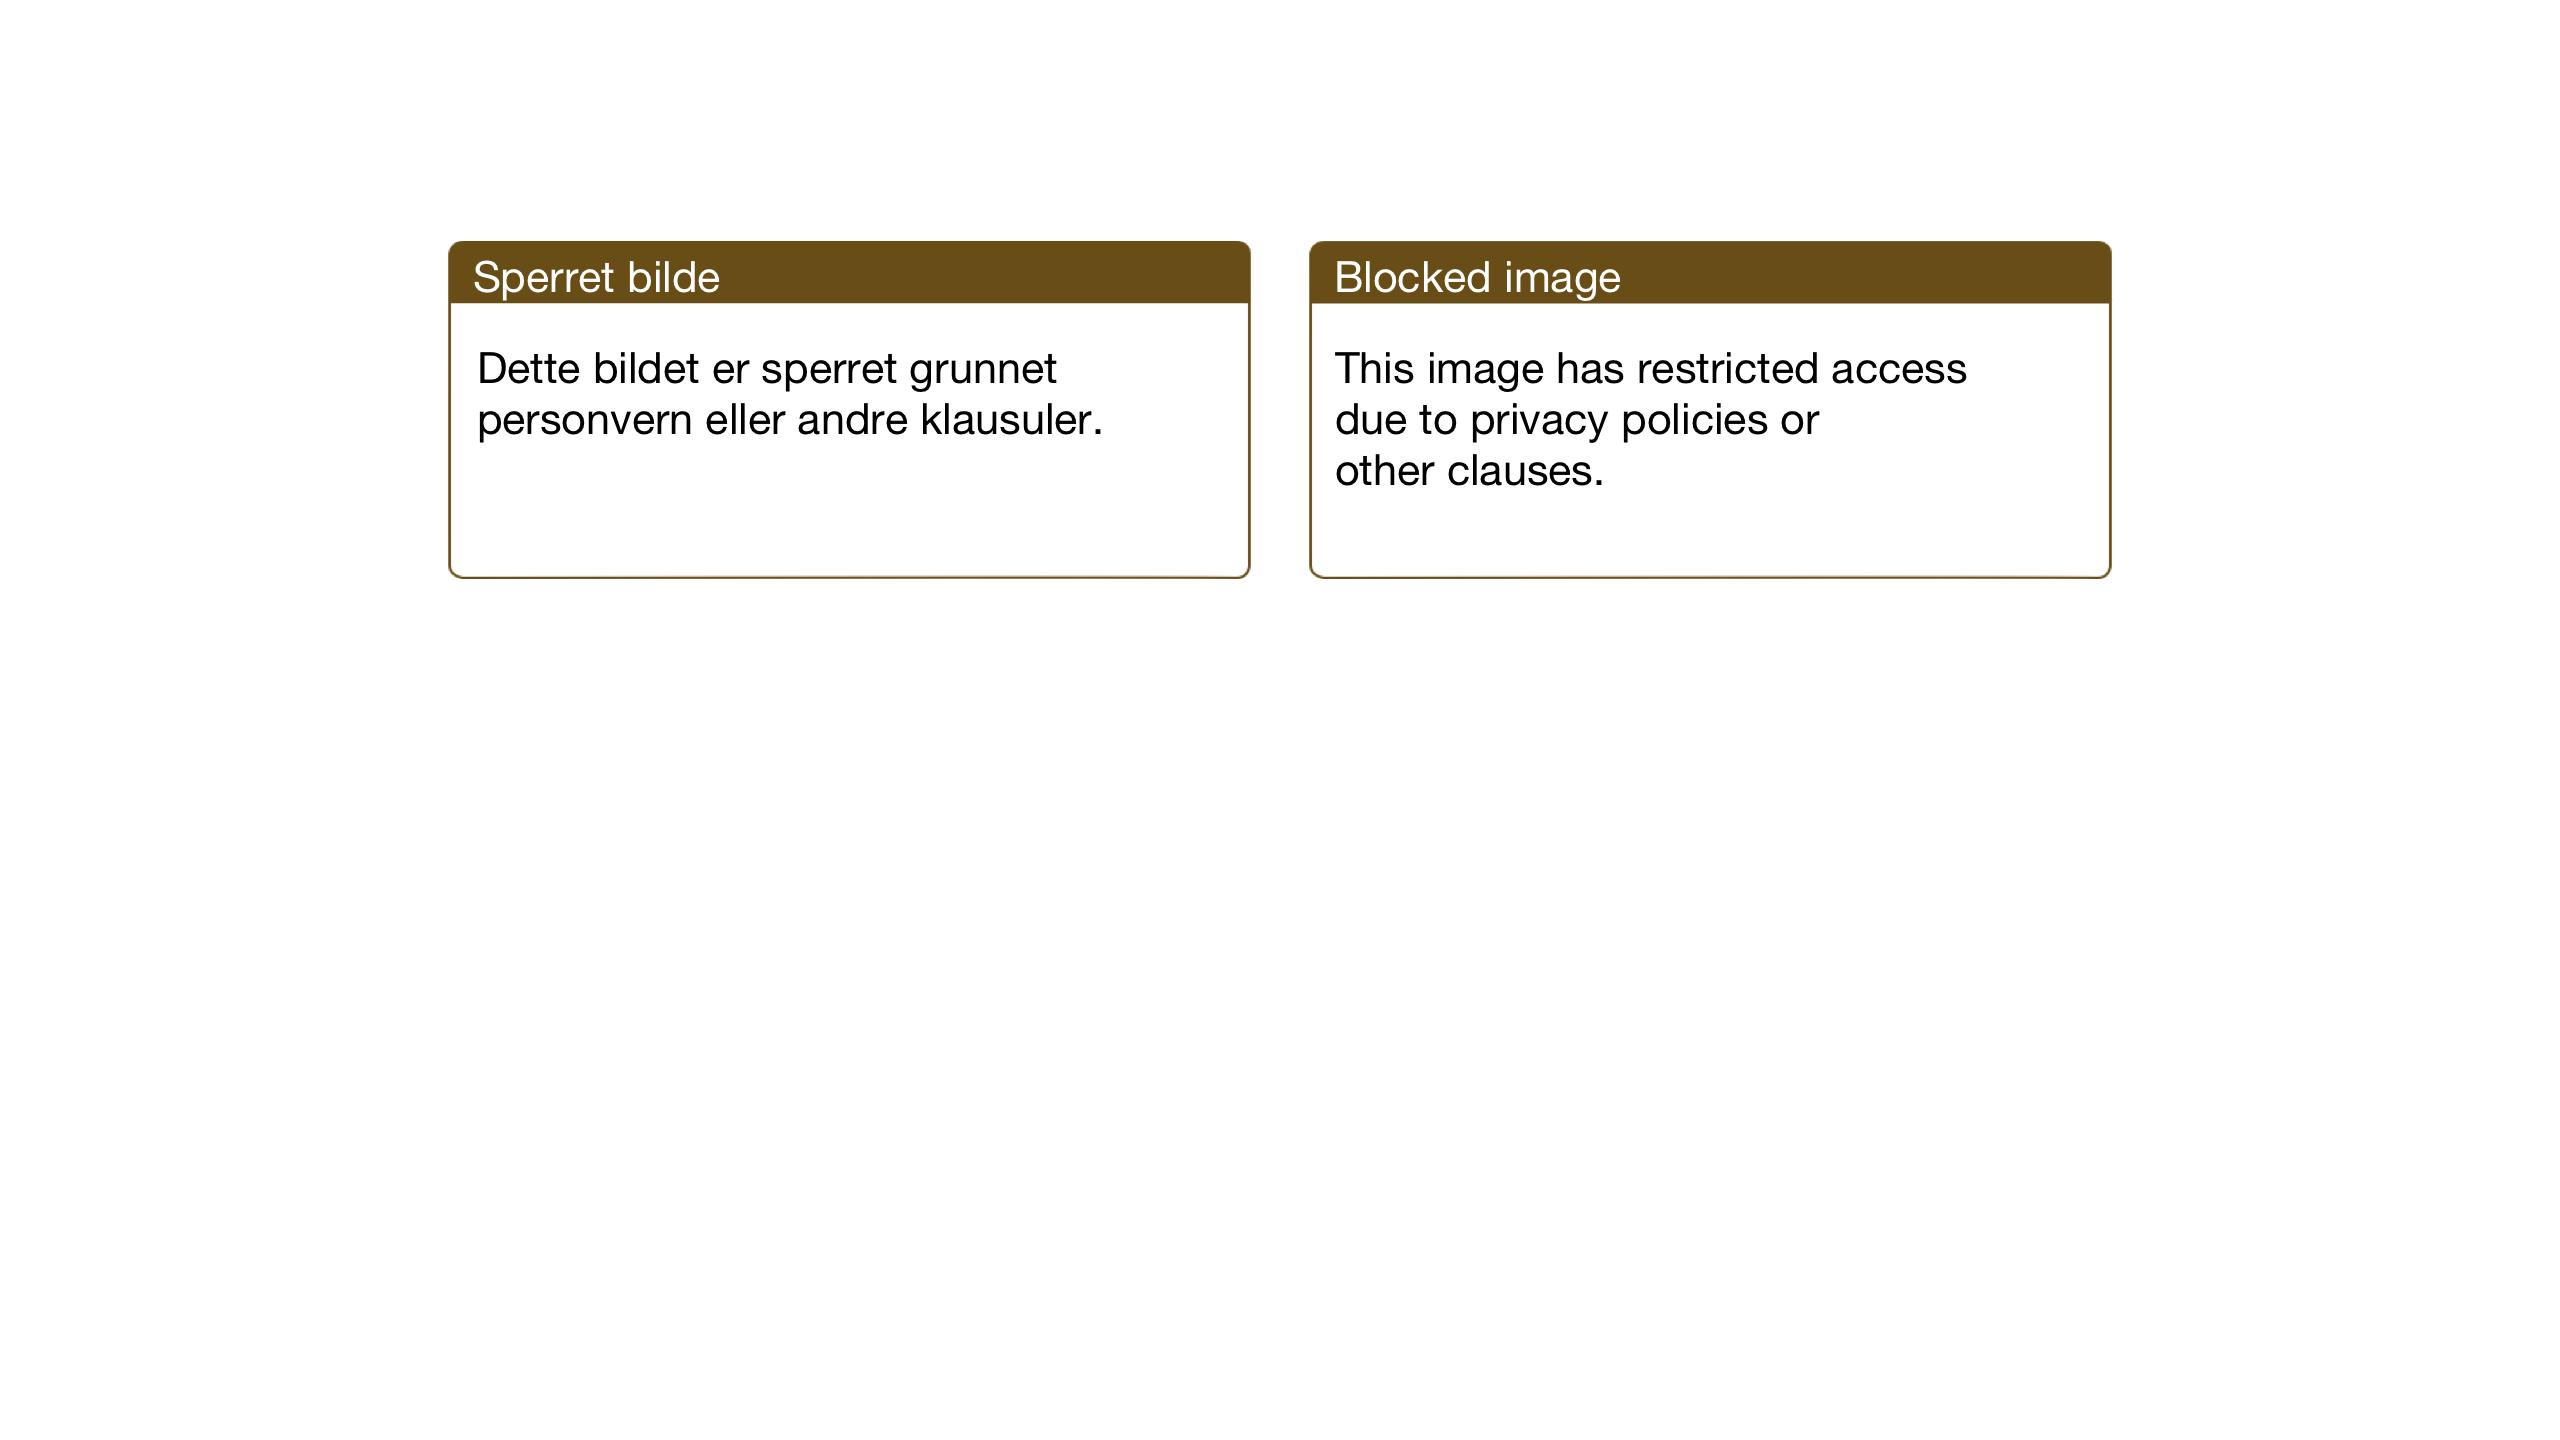 SAT, Ministerialprotokoller, klokkerbøker og fødselsregistre - Sør-Trøndelag, 662/L0758: Klokkerbok nr. 662C03, 1918-1948, s. 38